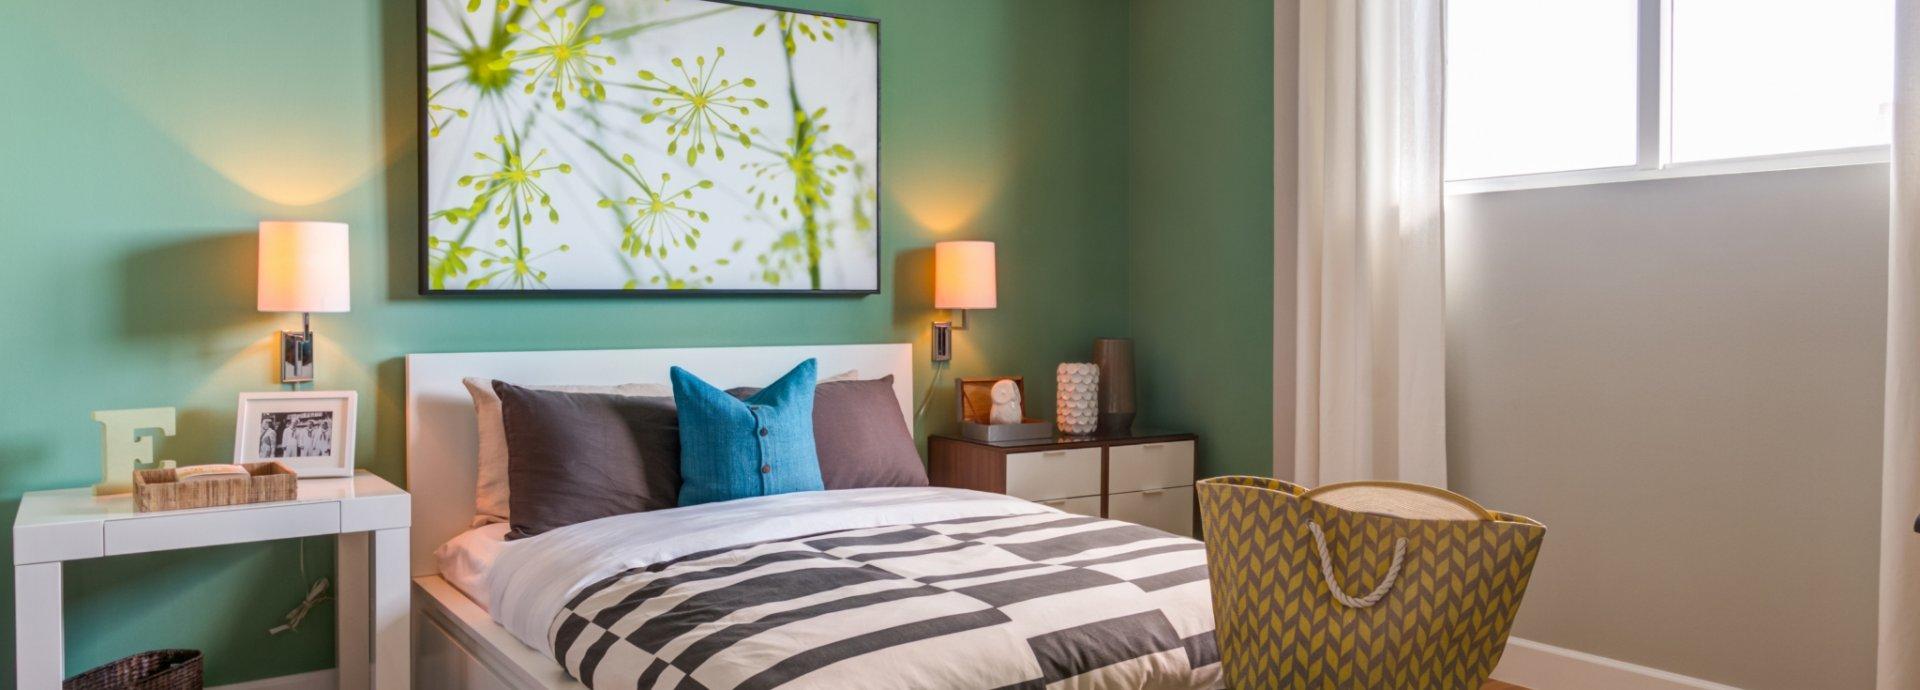 miami florida luxury apartments for rent the modern miami